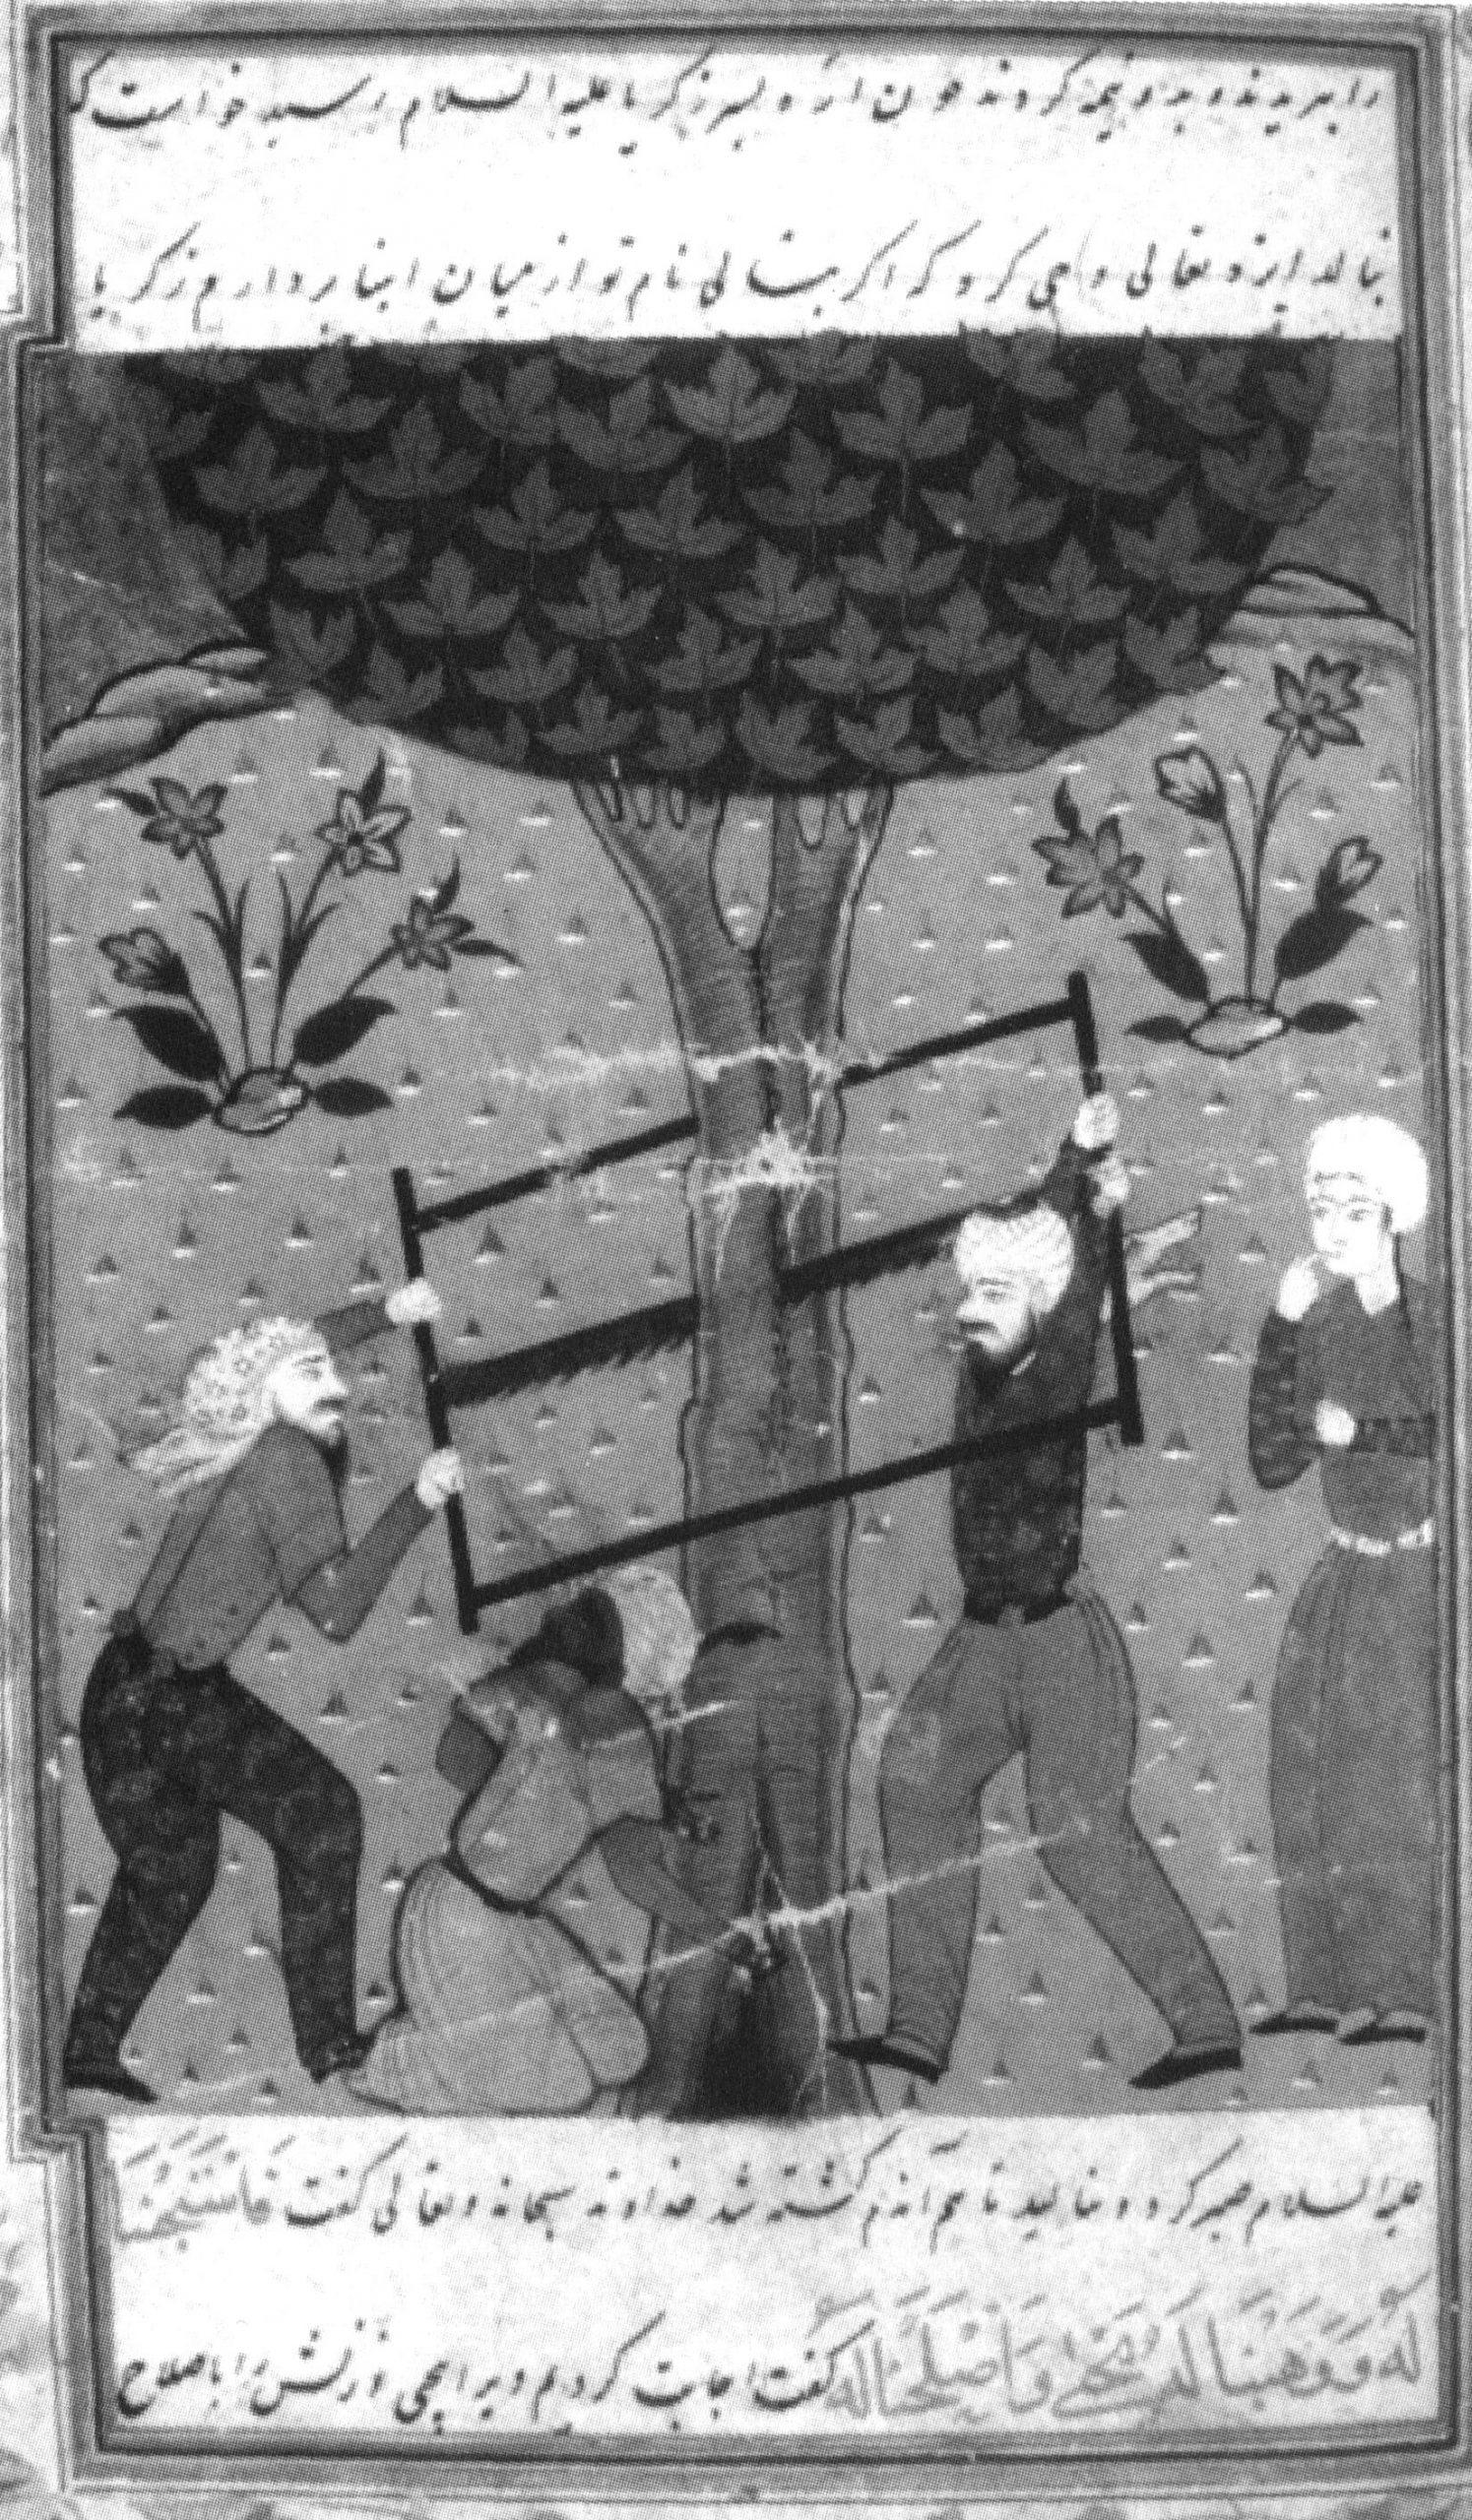 Zakariya, Hidden in a Tree, Sawed in Two by His Enemies